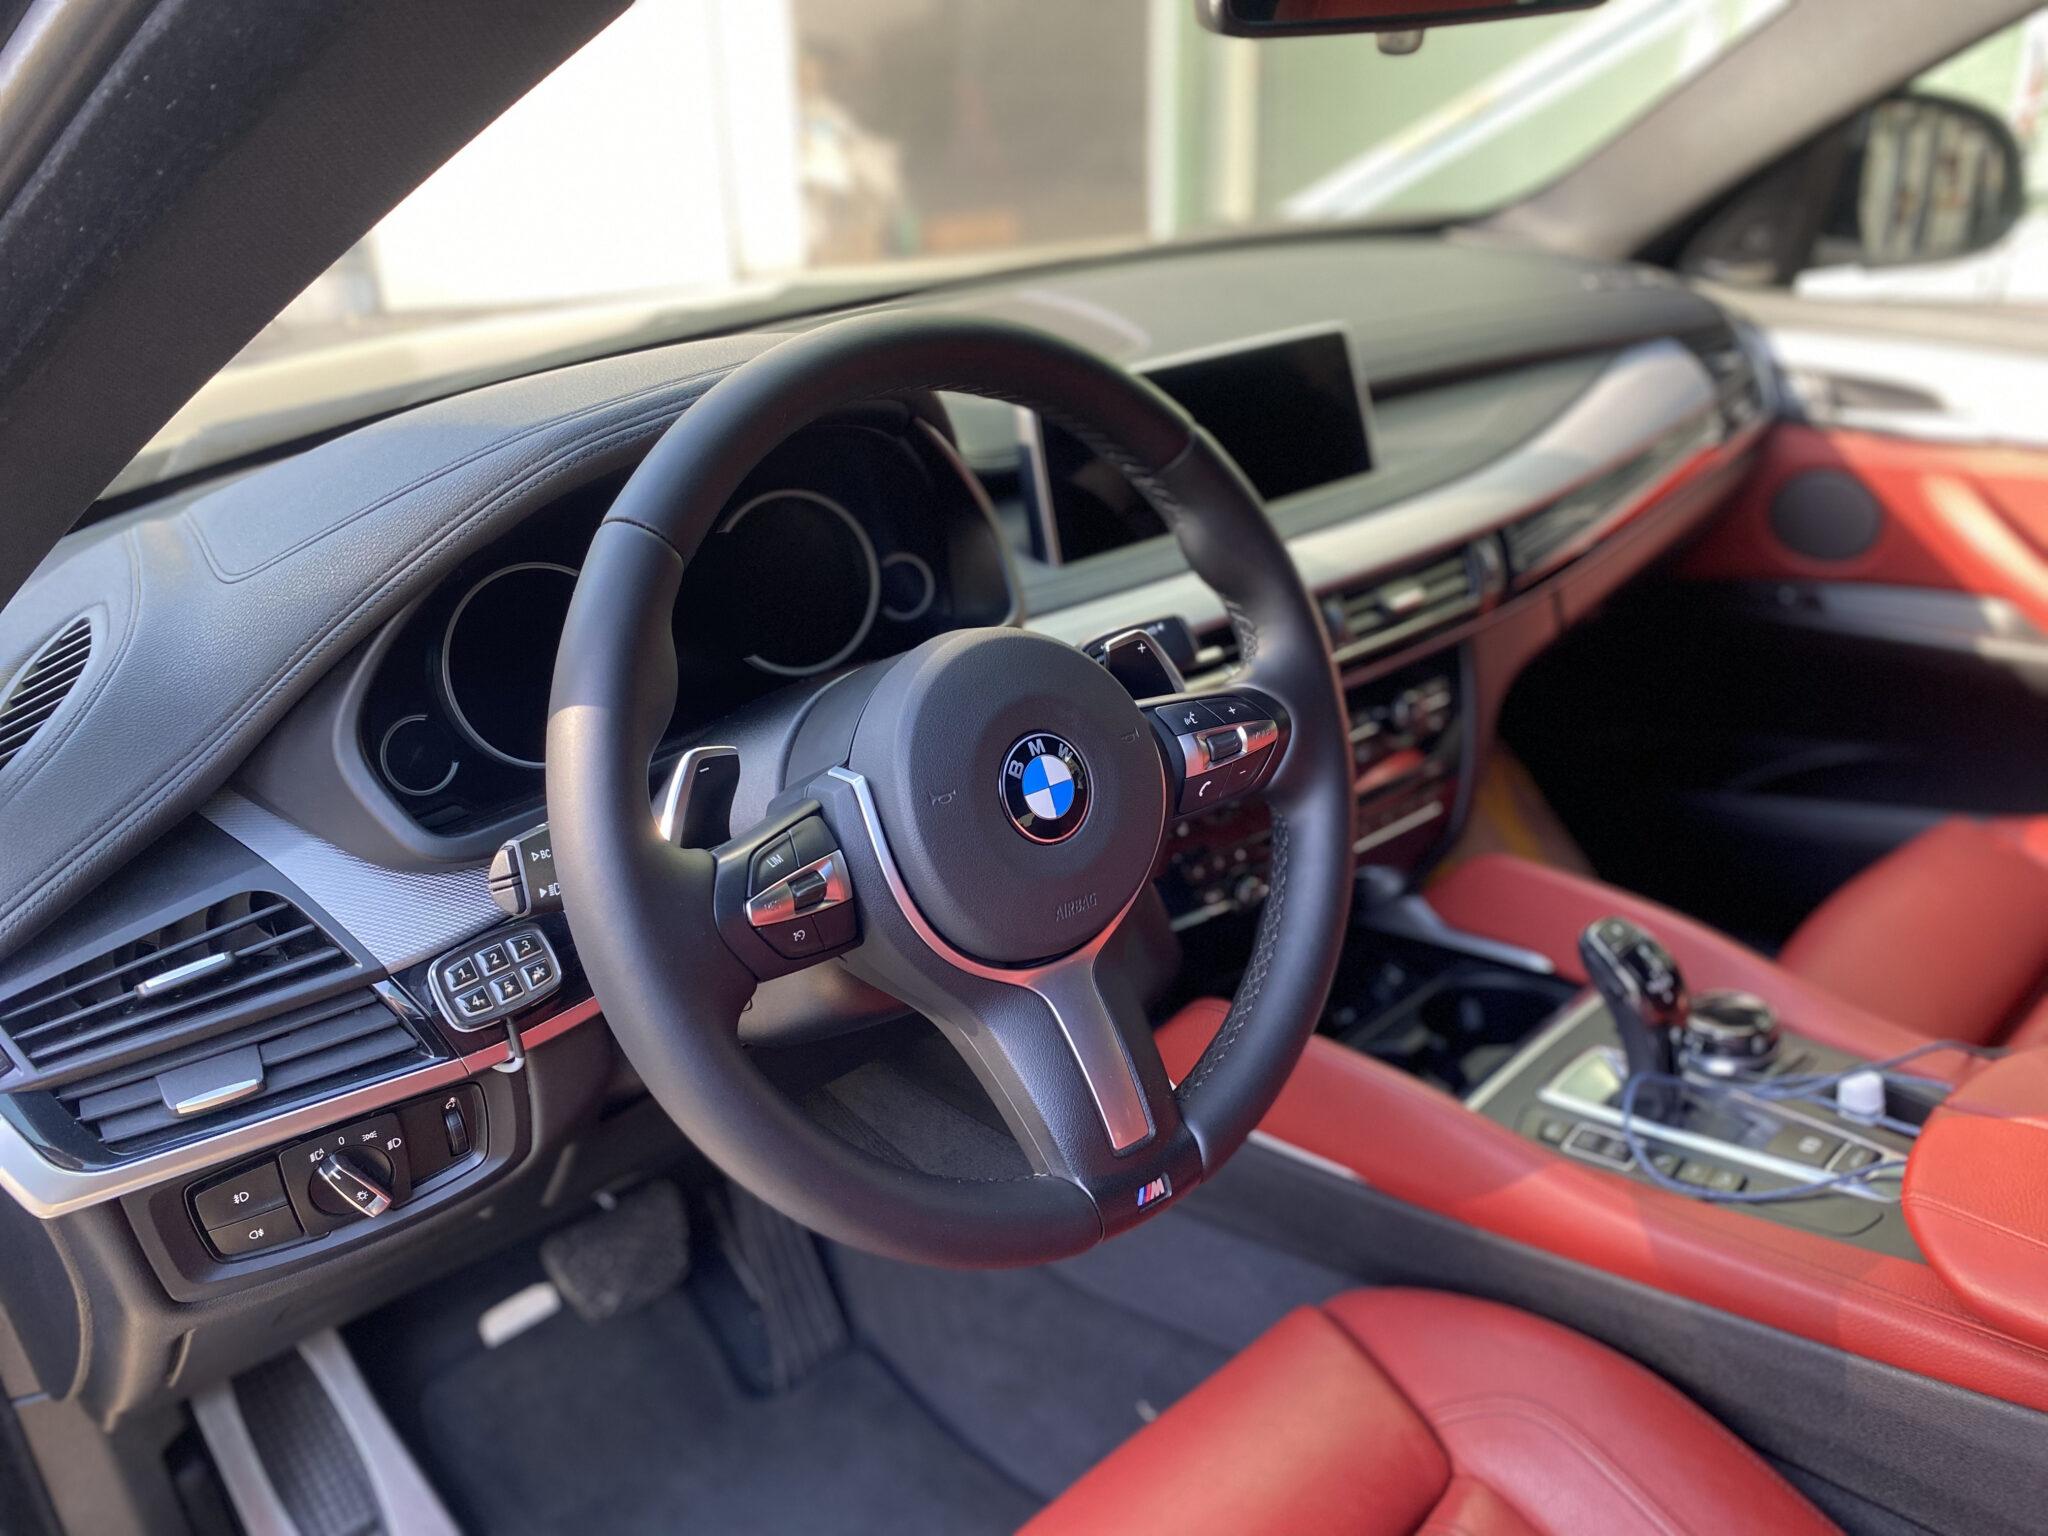 Перетяжка руля BMW X6 F16 с подогревом